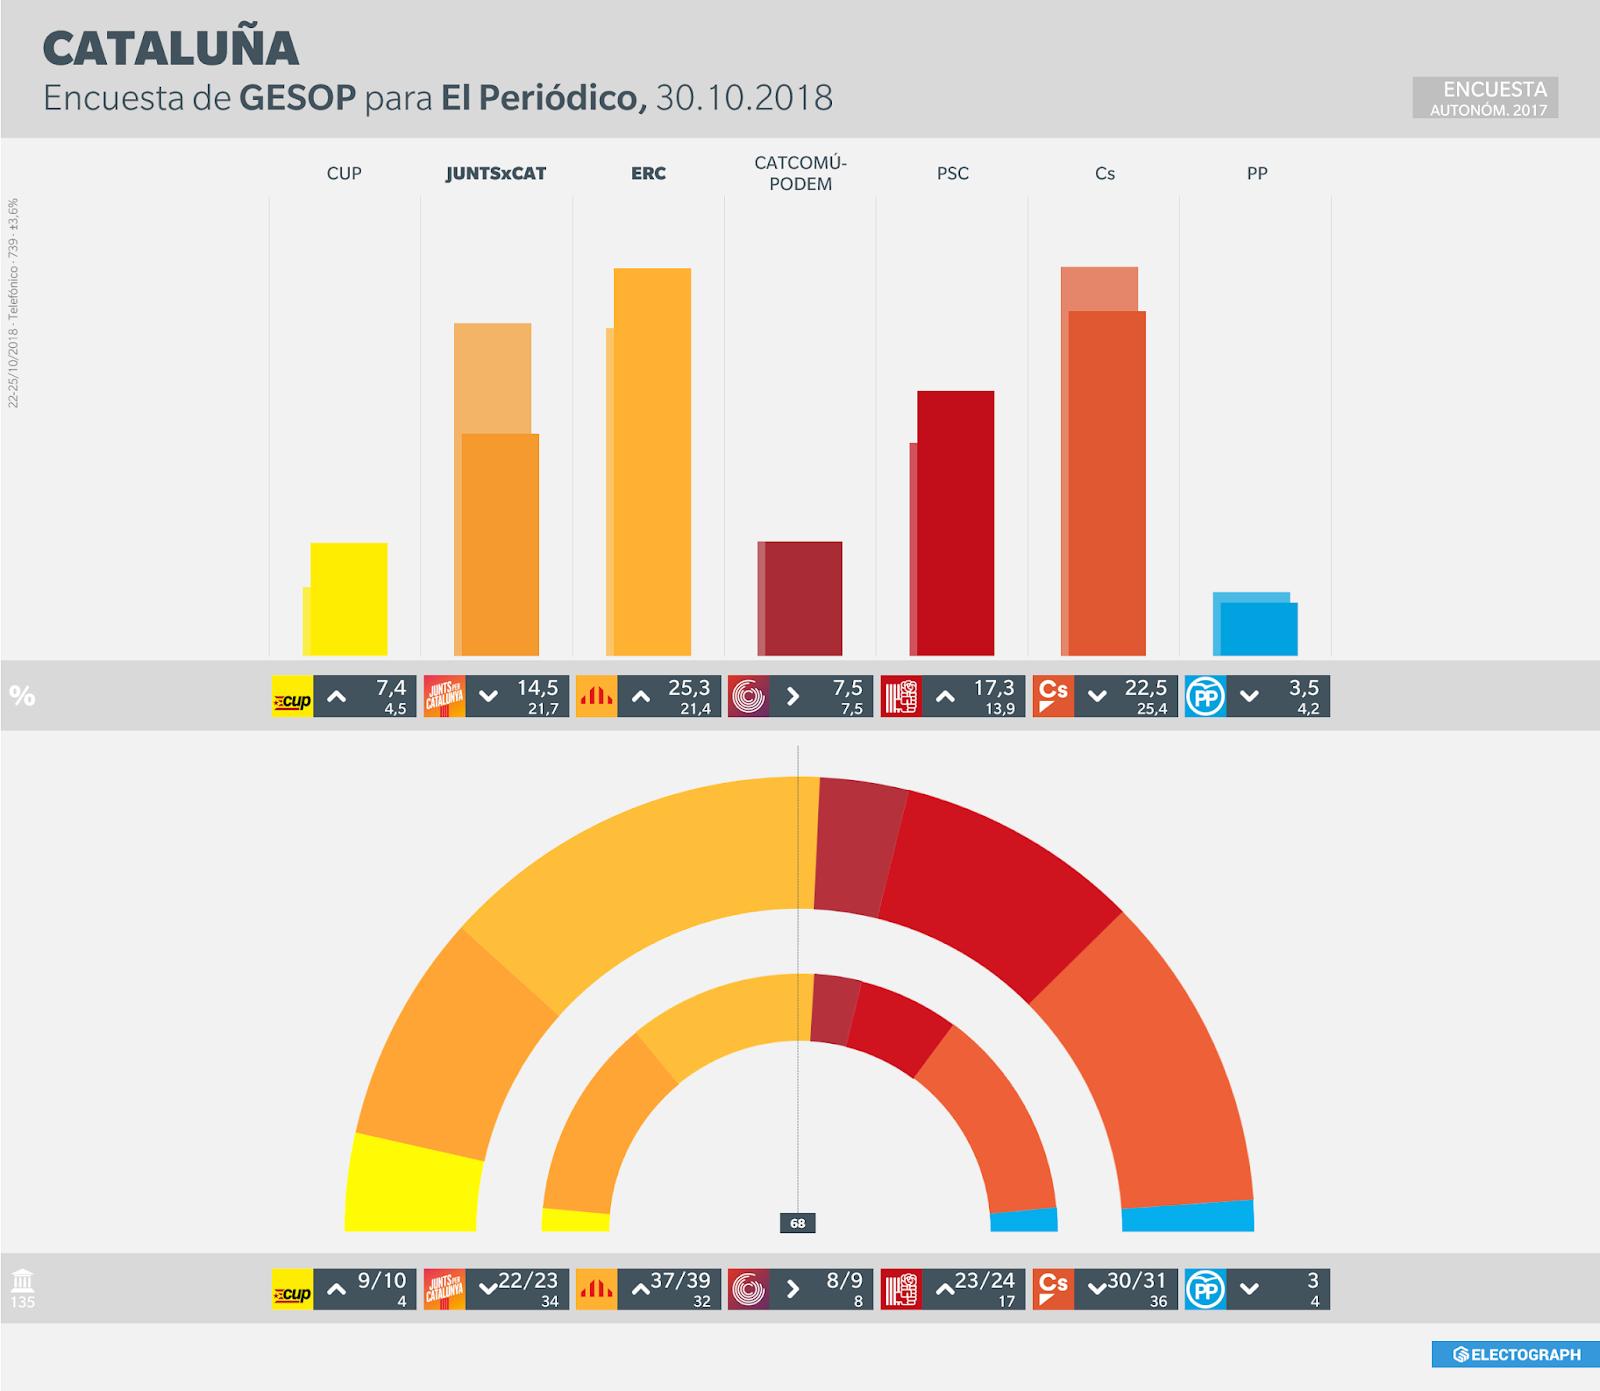 Gráfico de la encuesta para elecciones autonómicas en Cataluña realizada por GESOP para El Periódico en octubre de 2018